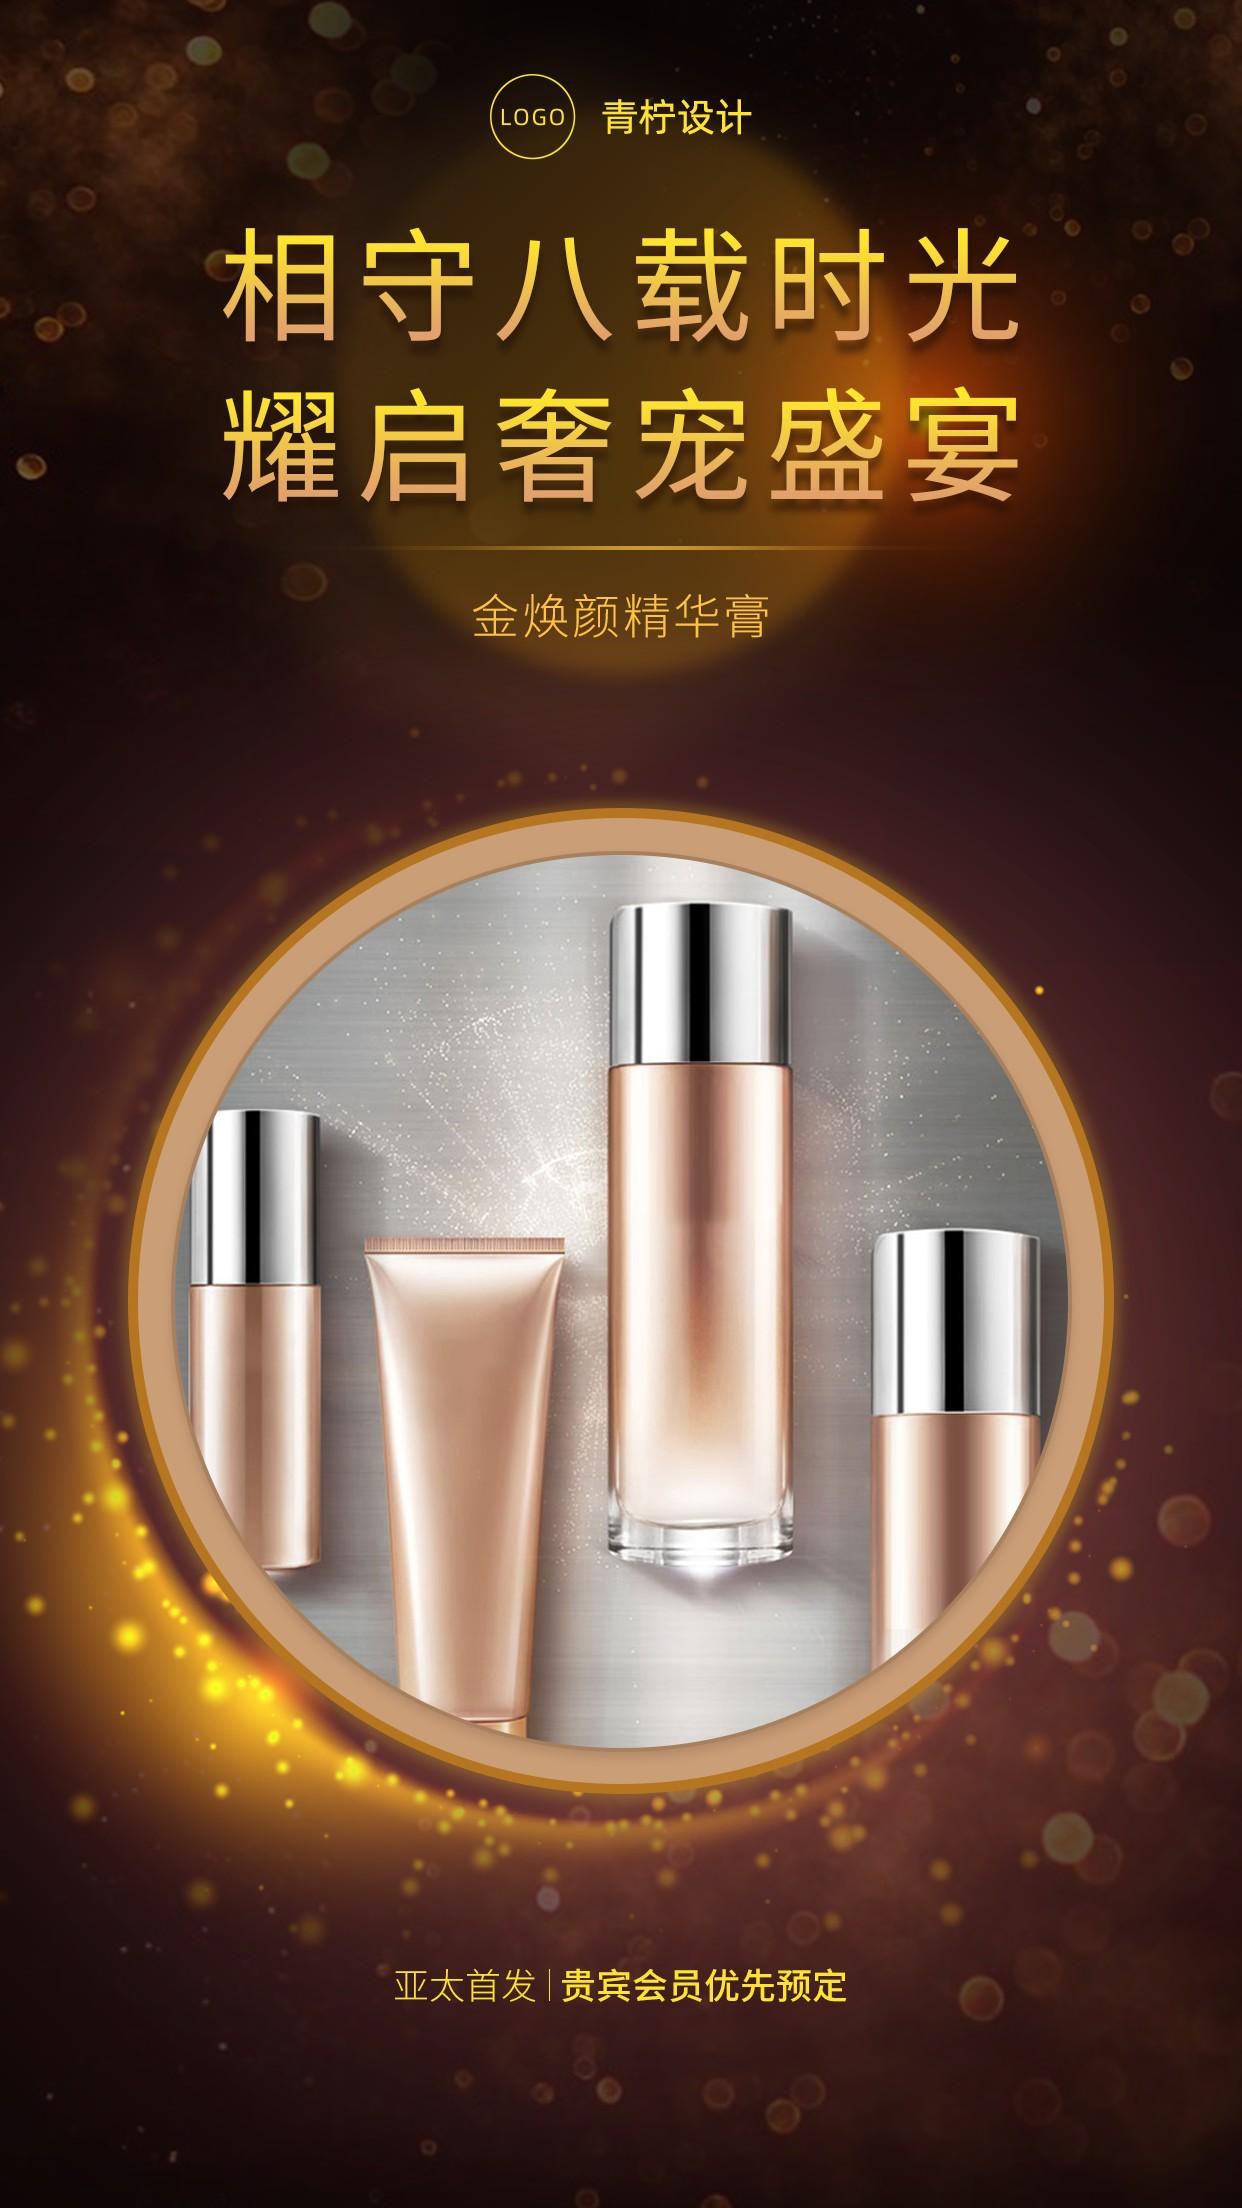 扁平美容美妆系统推荐手机海报